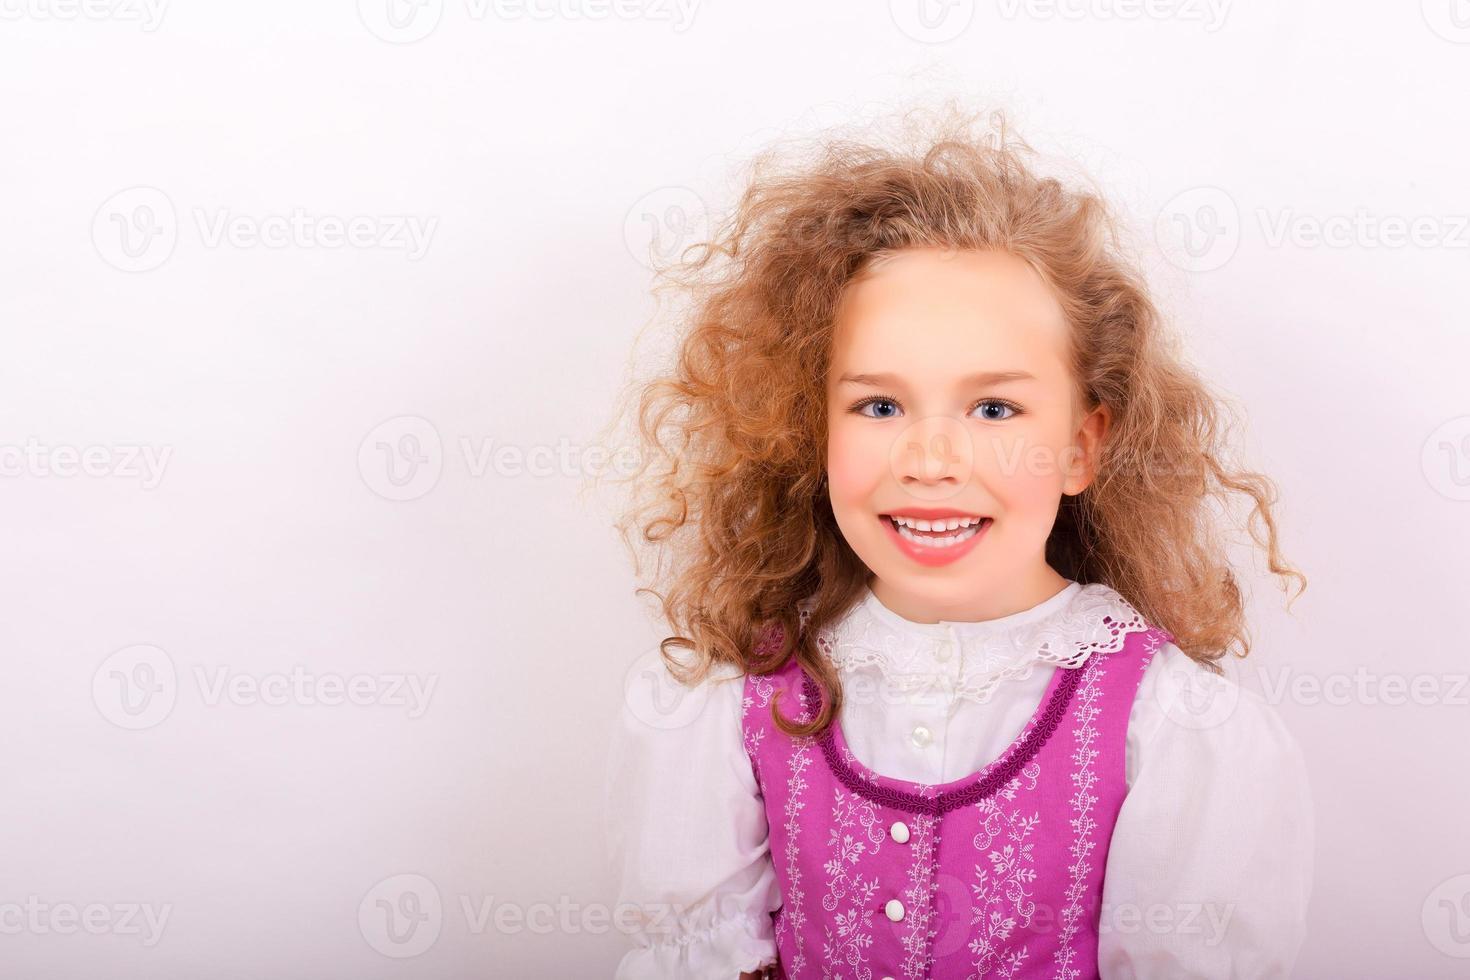 retrato de uma menina pequena em roupas tradicionais da Baviera foto